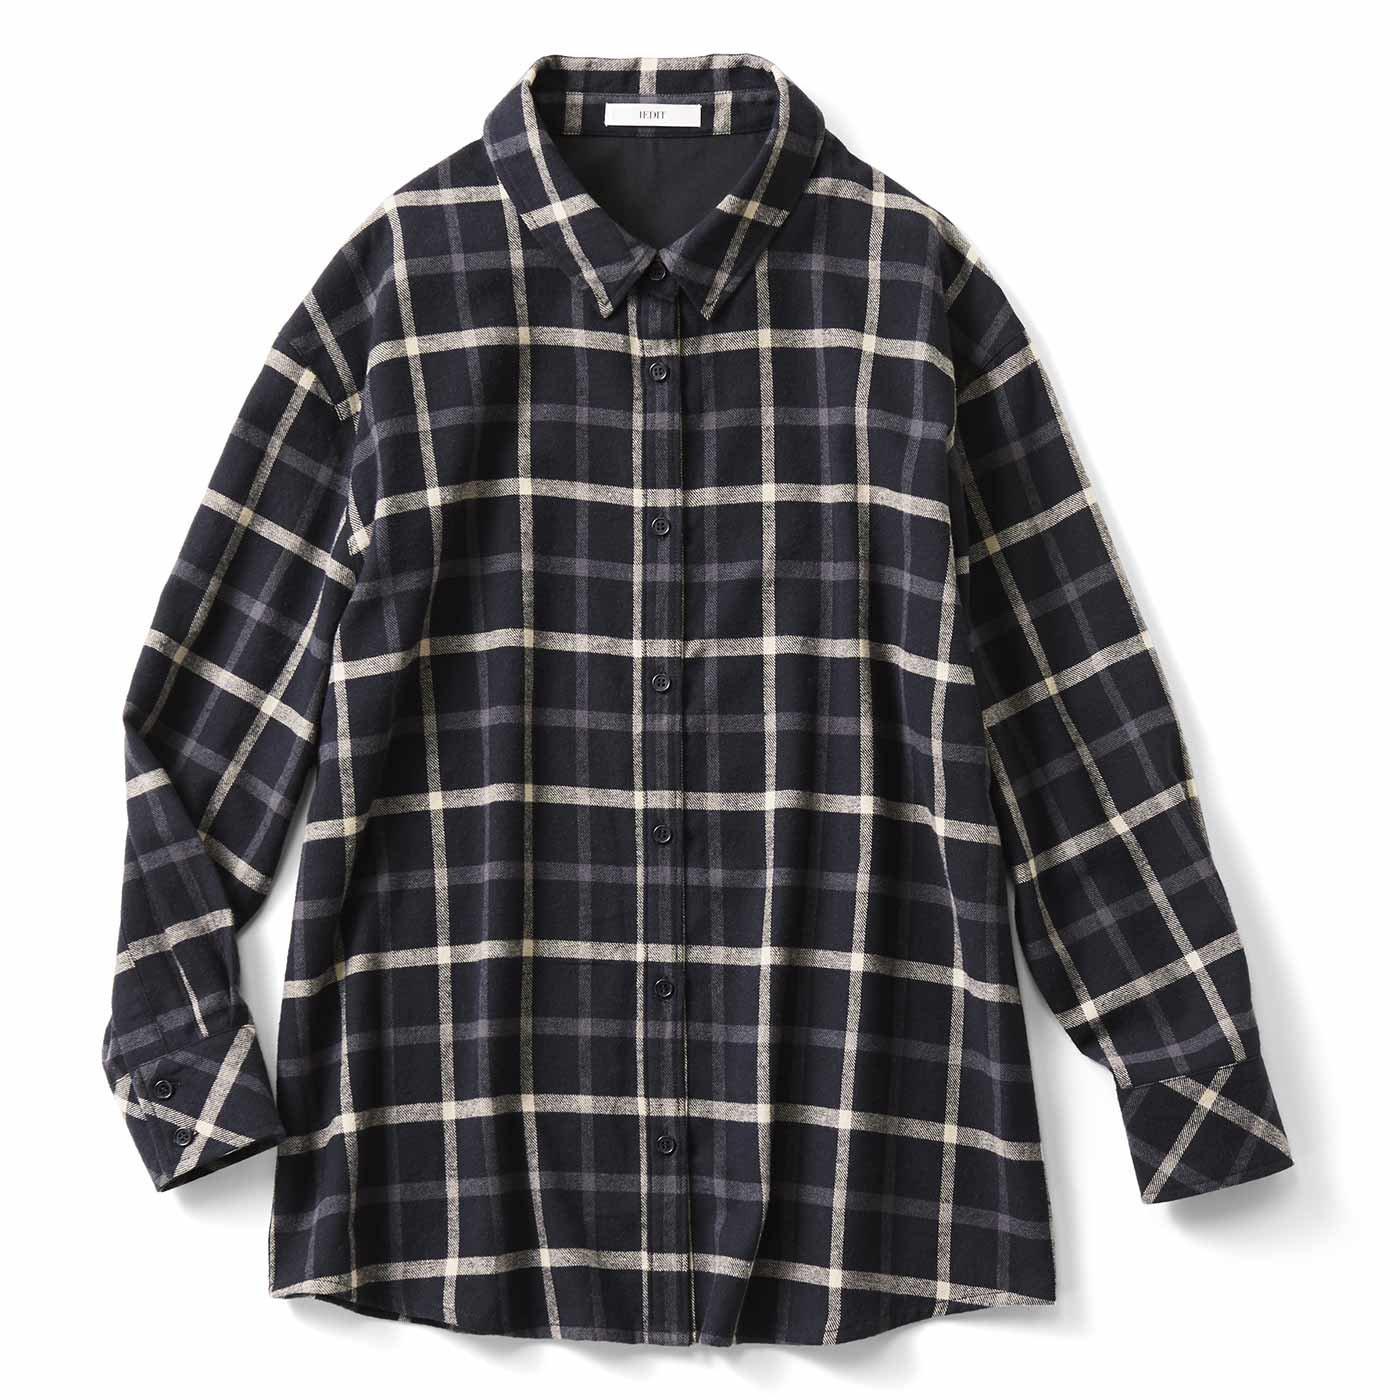 【3~10日でお届け】IEDIT[イディット] 大人シックなやわらかチェックシャツチュニック〈ブラック〉